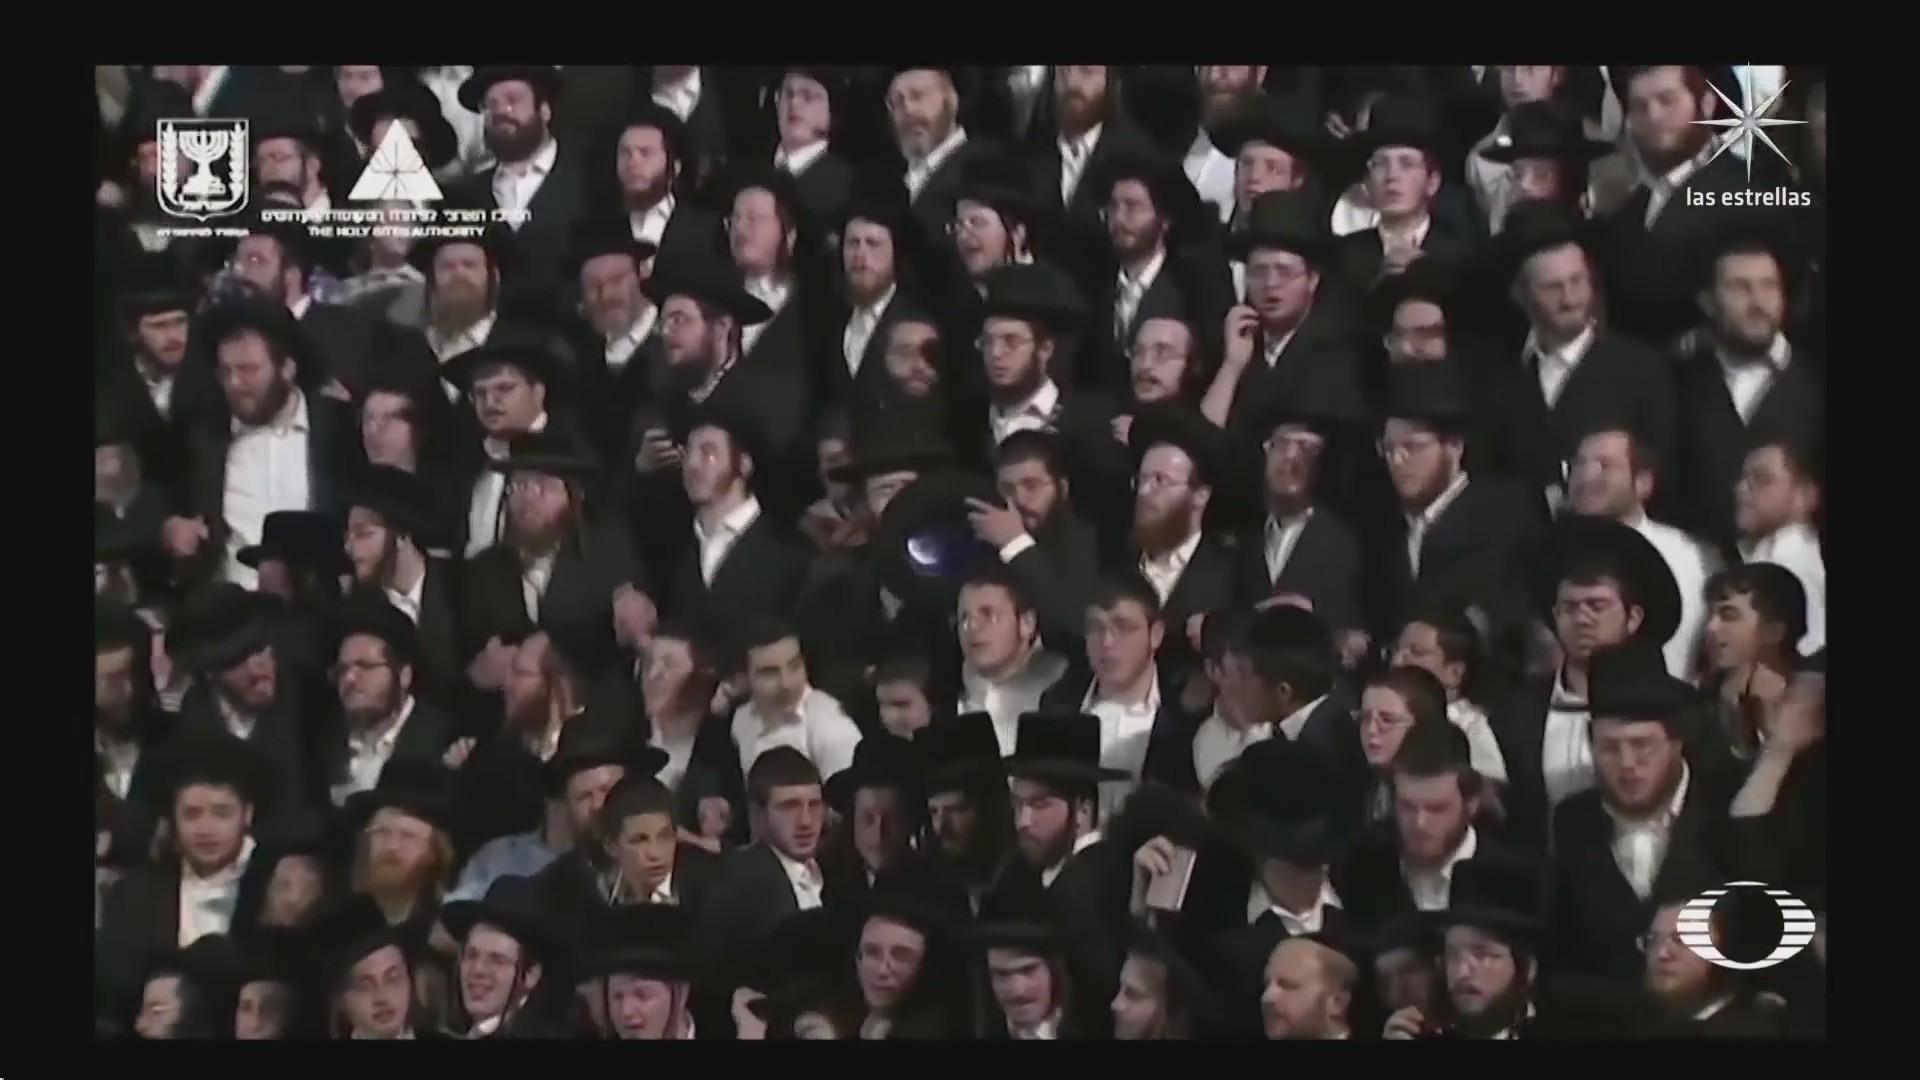 evento religioso en israel termina en estampida humana